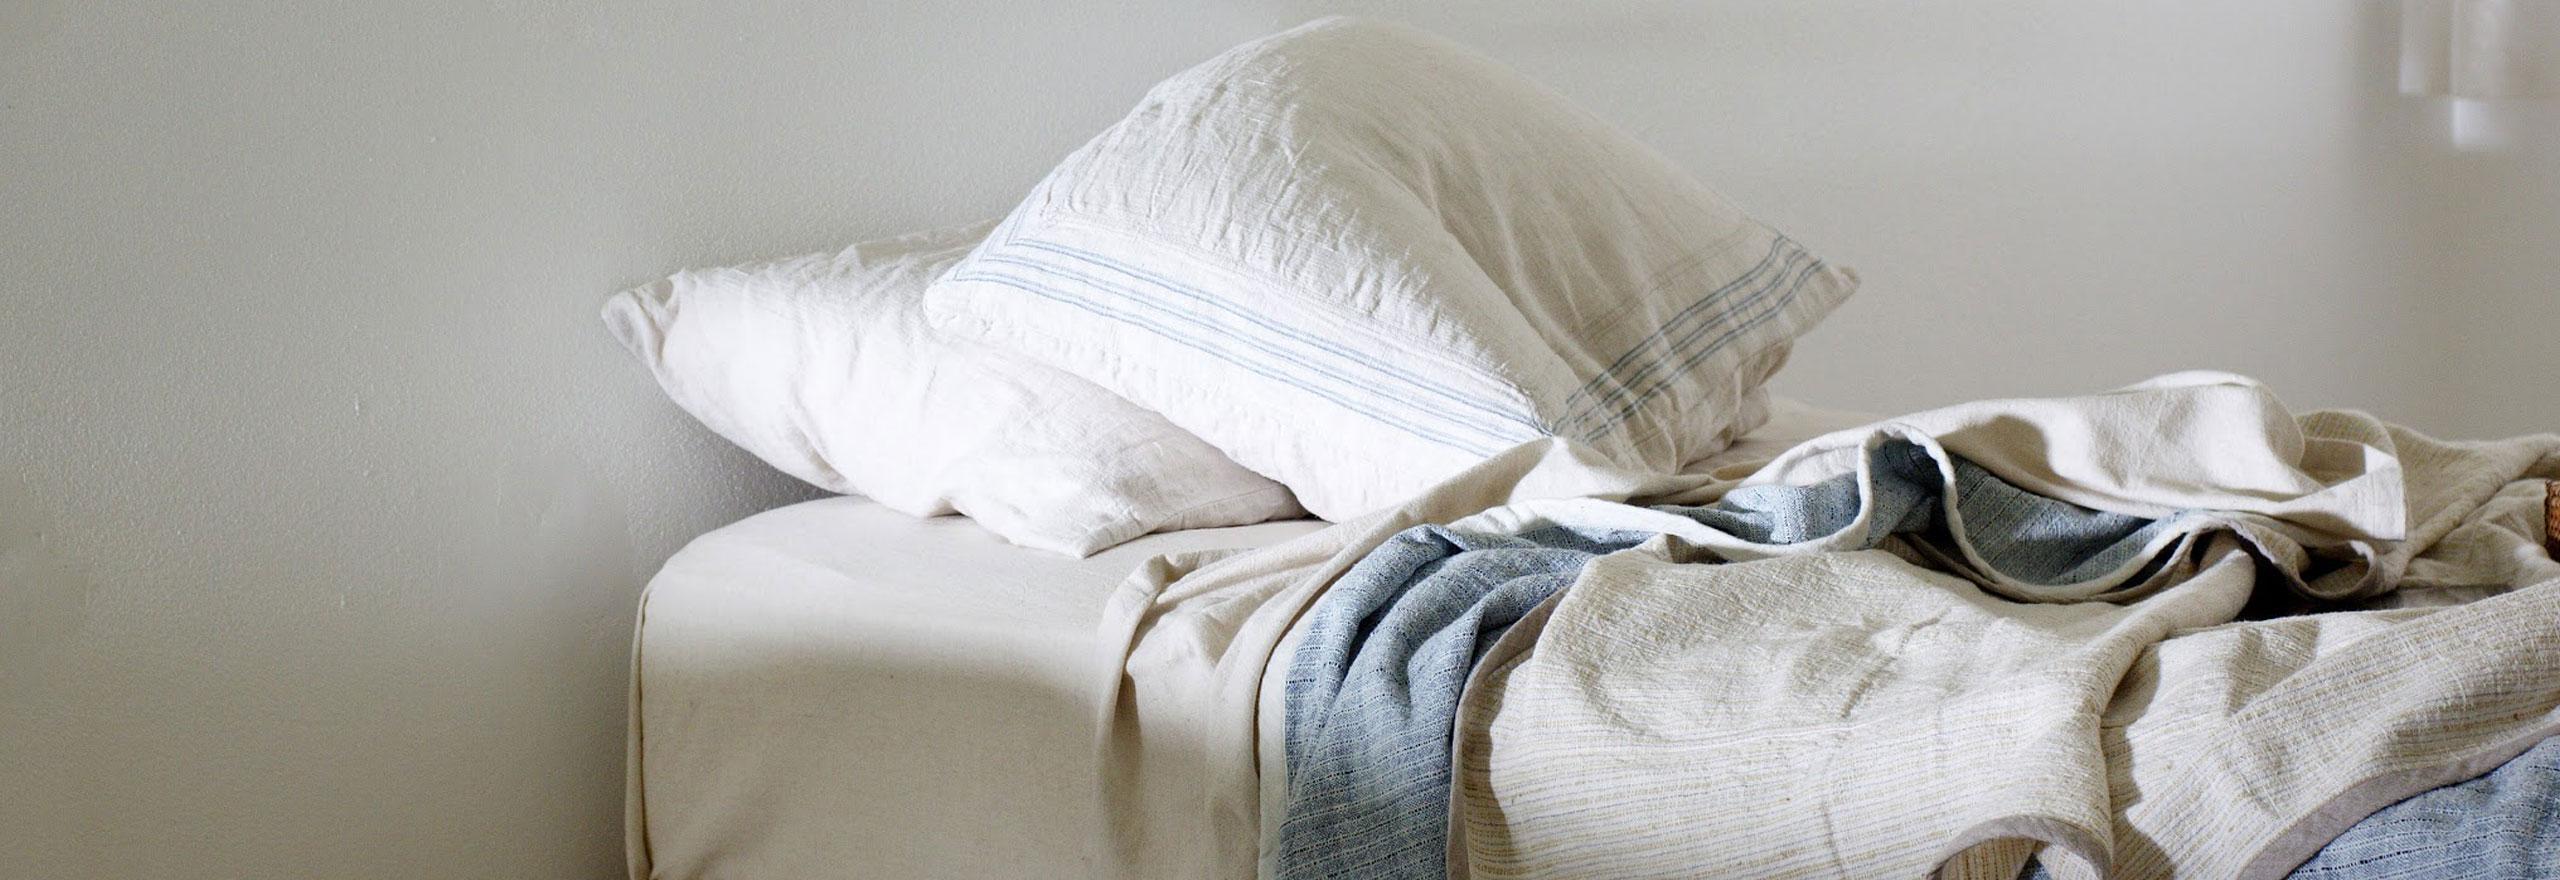 触りここち、着ここち、眠りここちを